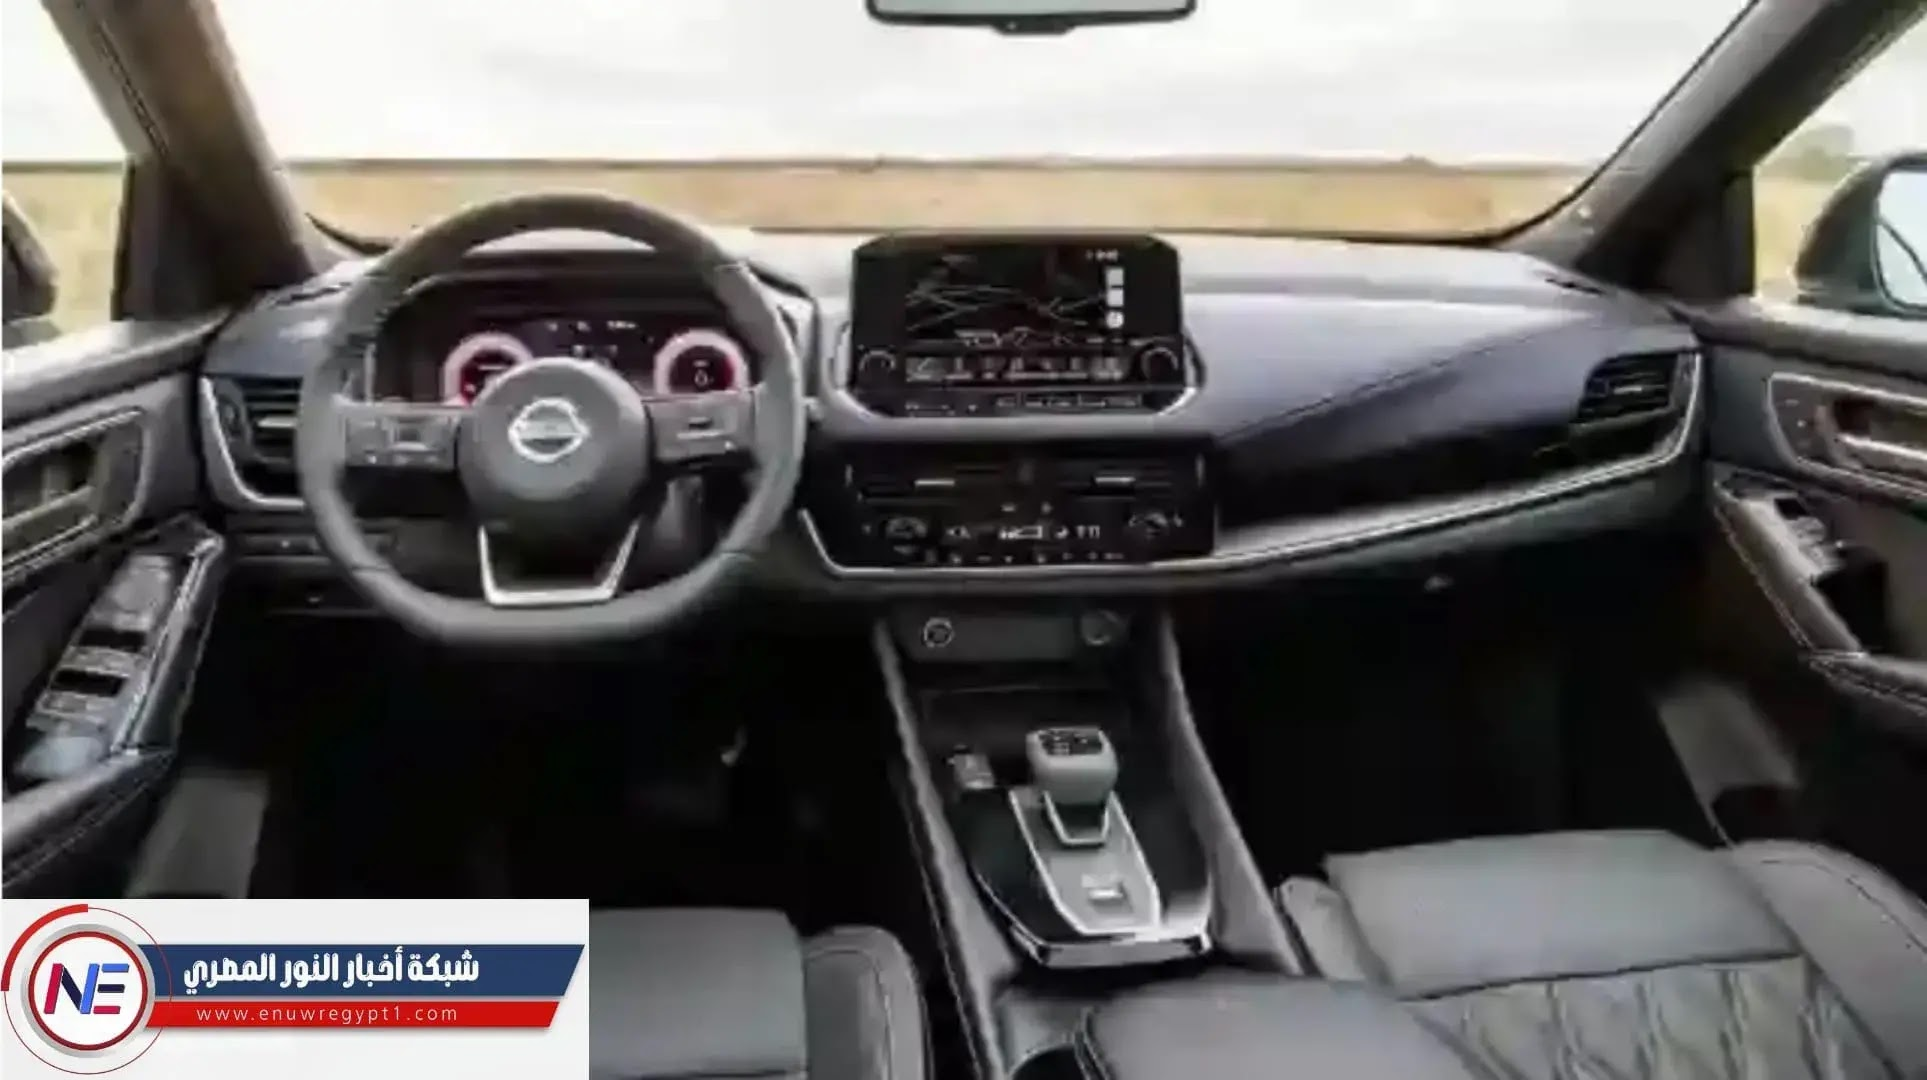 الشكل الجديد | سعر و مواصفات سيارة نيسان قشقاي 2022 الجديدة | صور سيارة نسيان قشقاي 2022